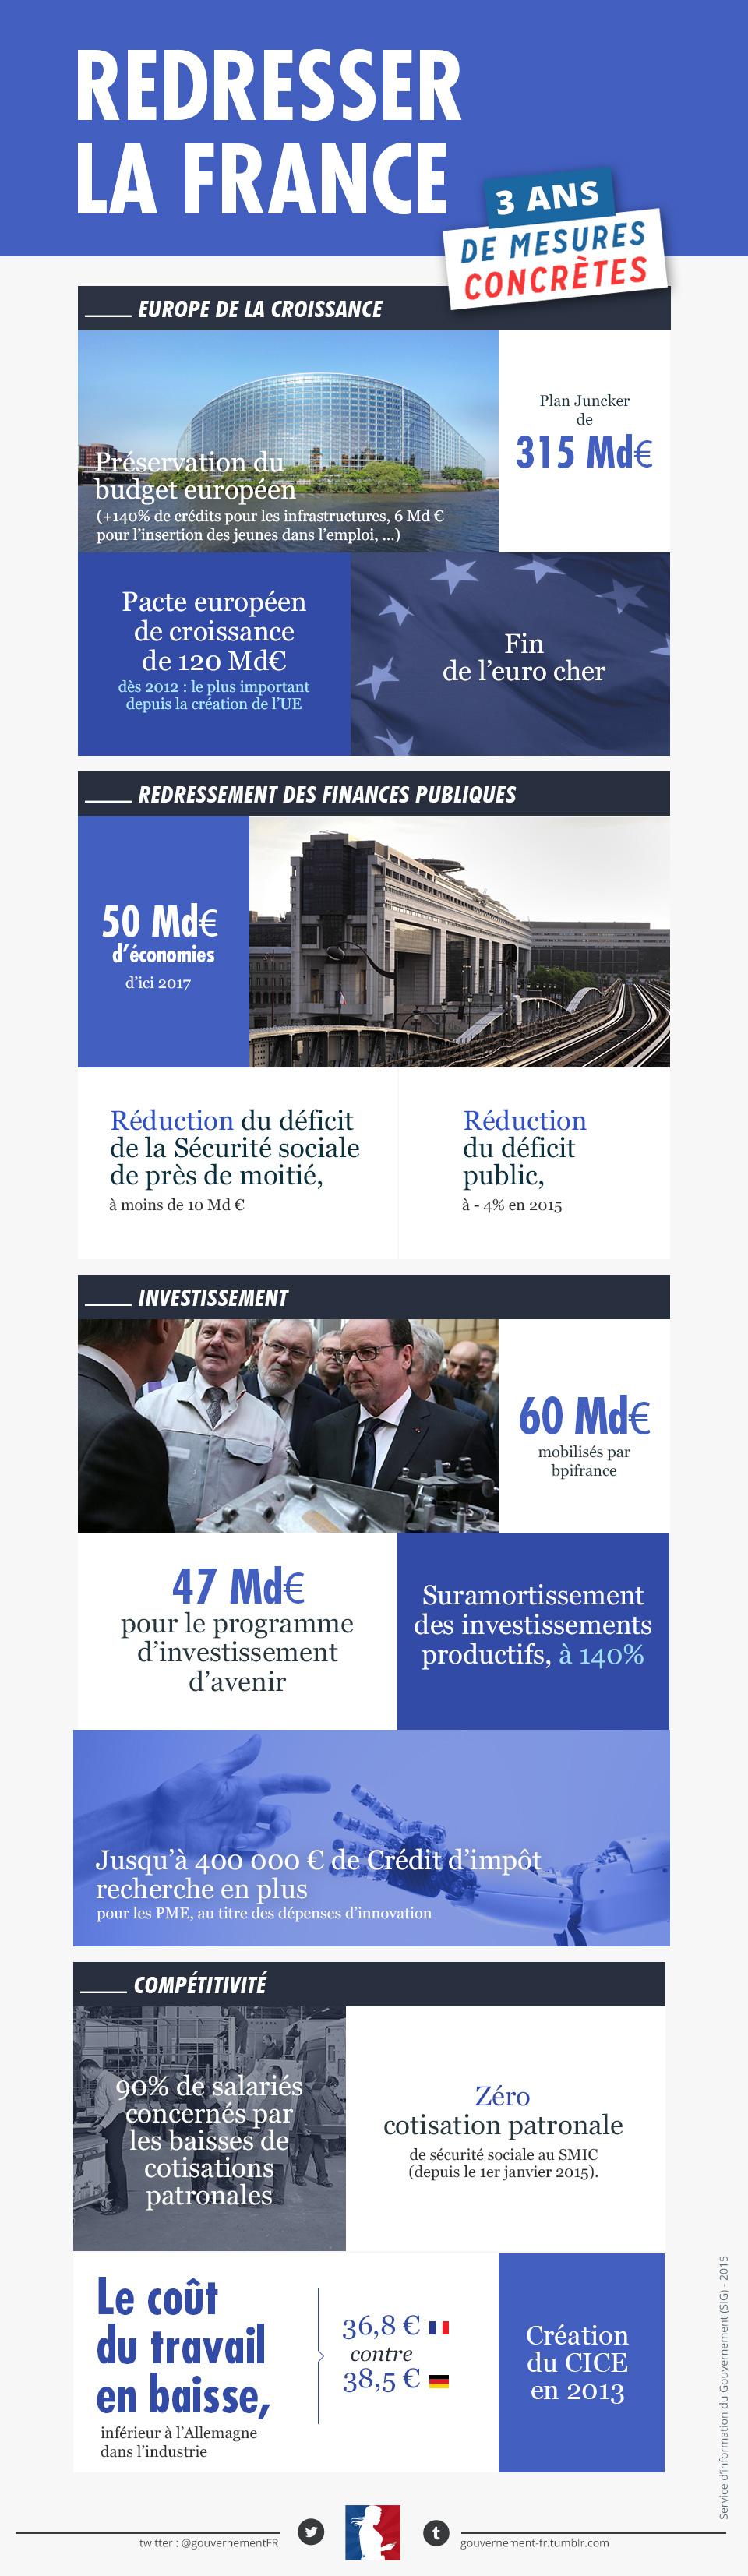 Infographie sur les actions concrètes pour redresser la France depuis 3 ans - voir en plus grand